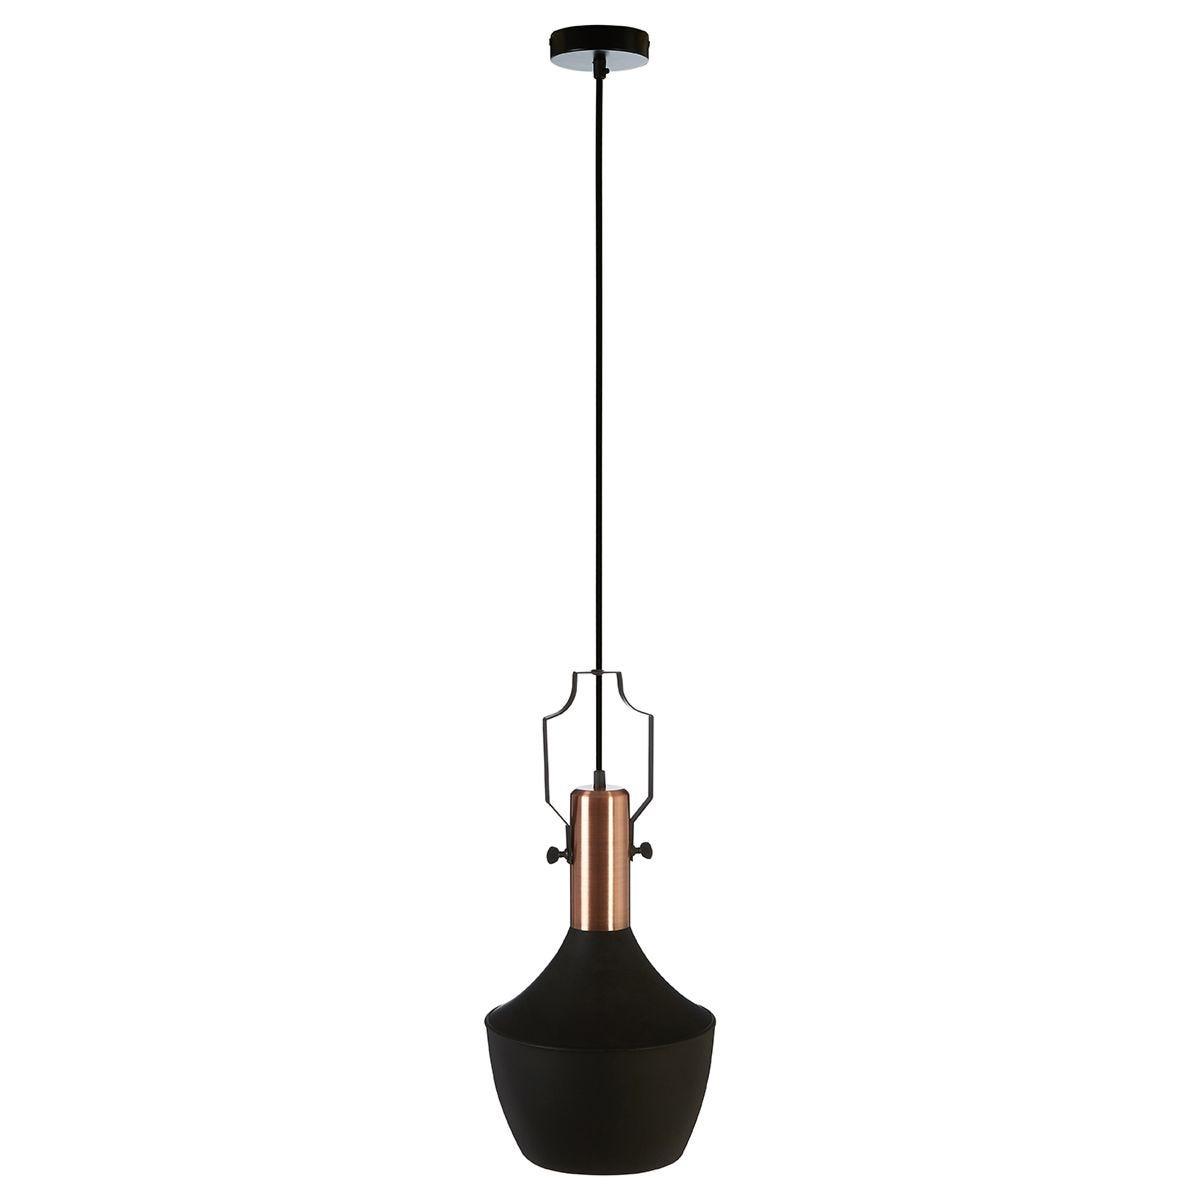 Premier Housewares Argo Medium Pendant Lamp in Black/Brushed Copper